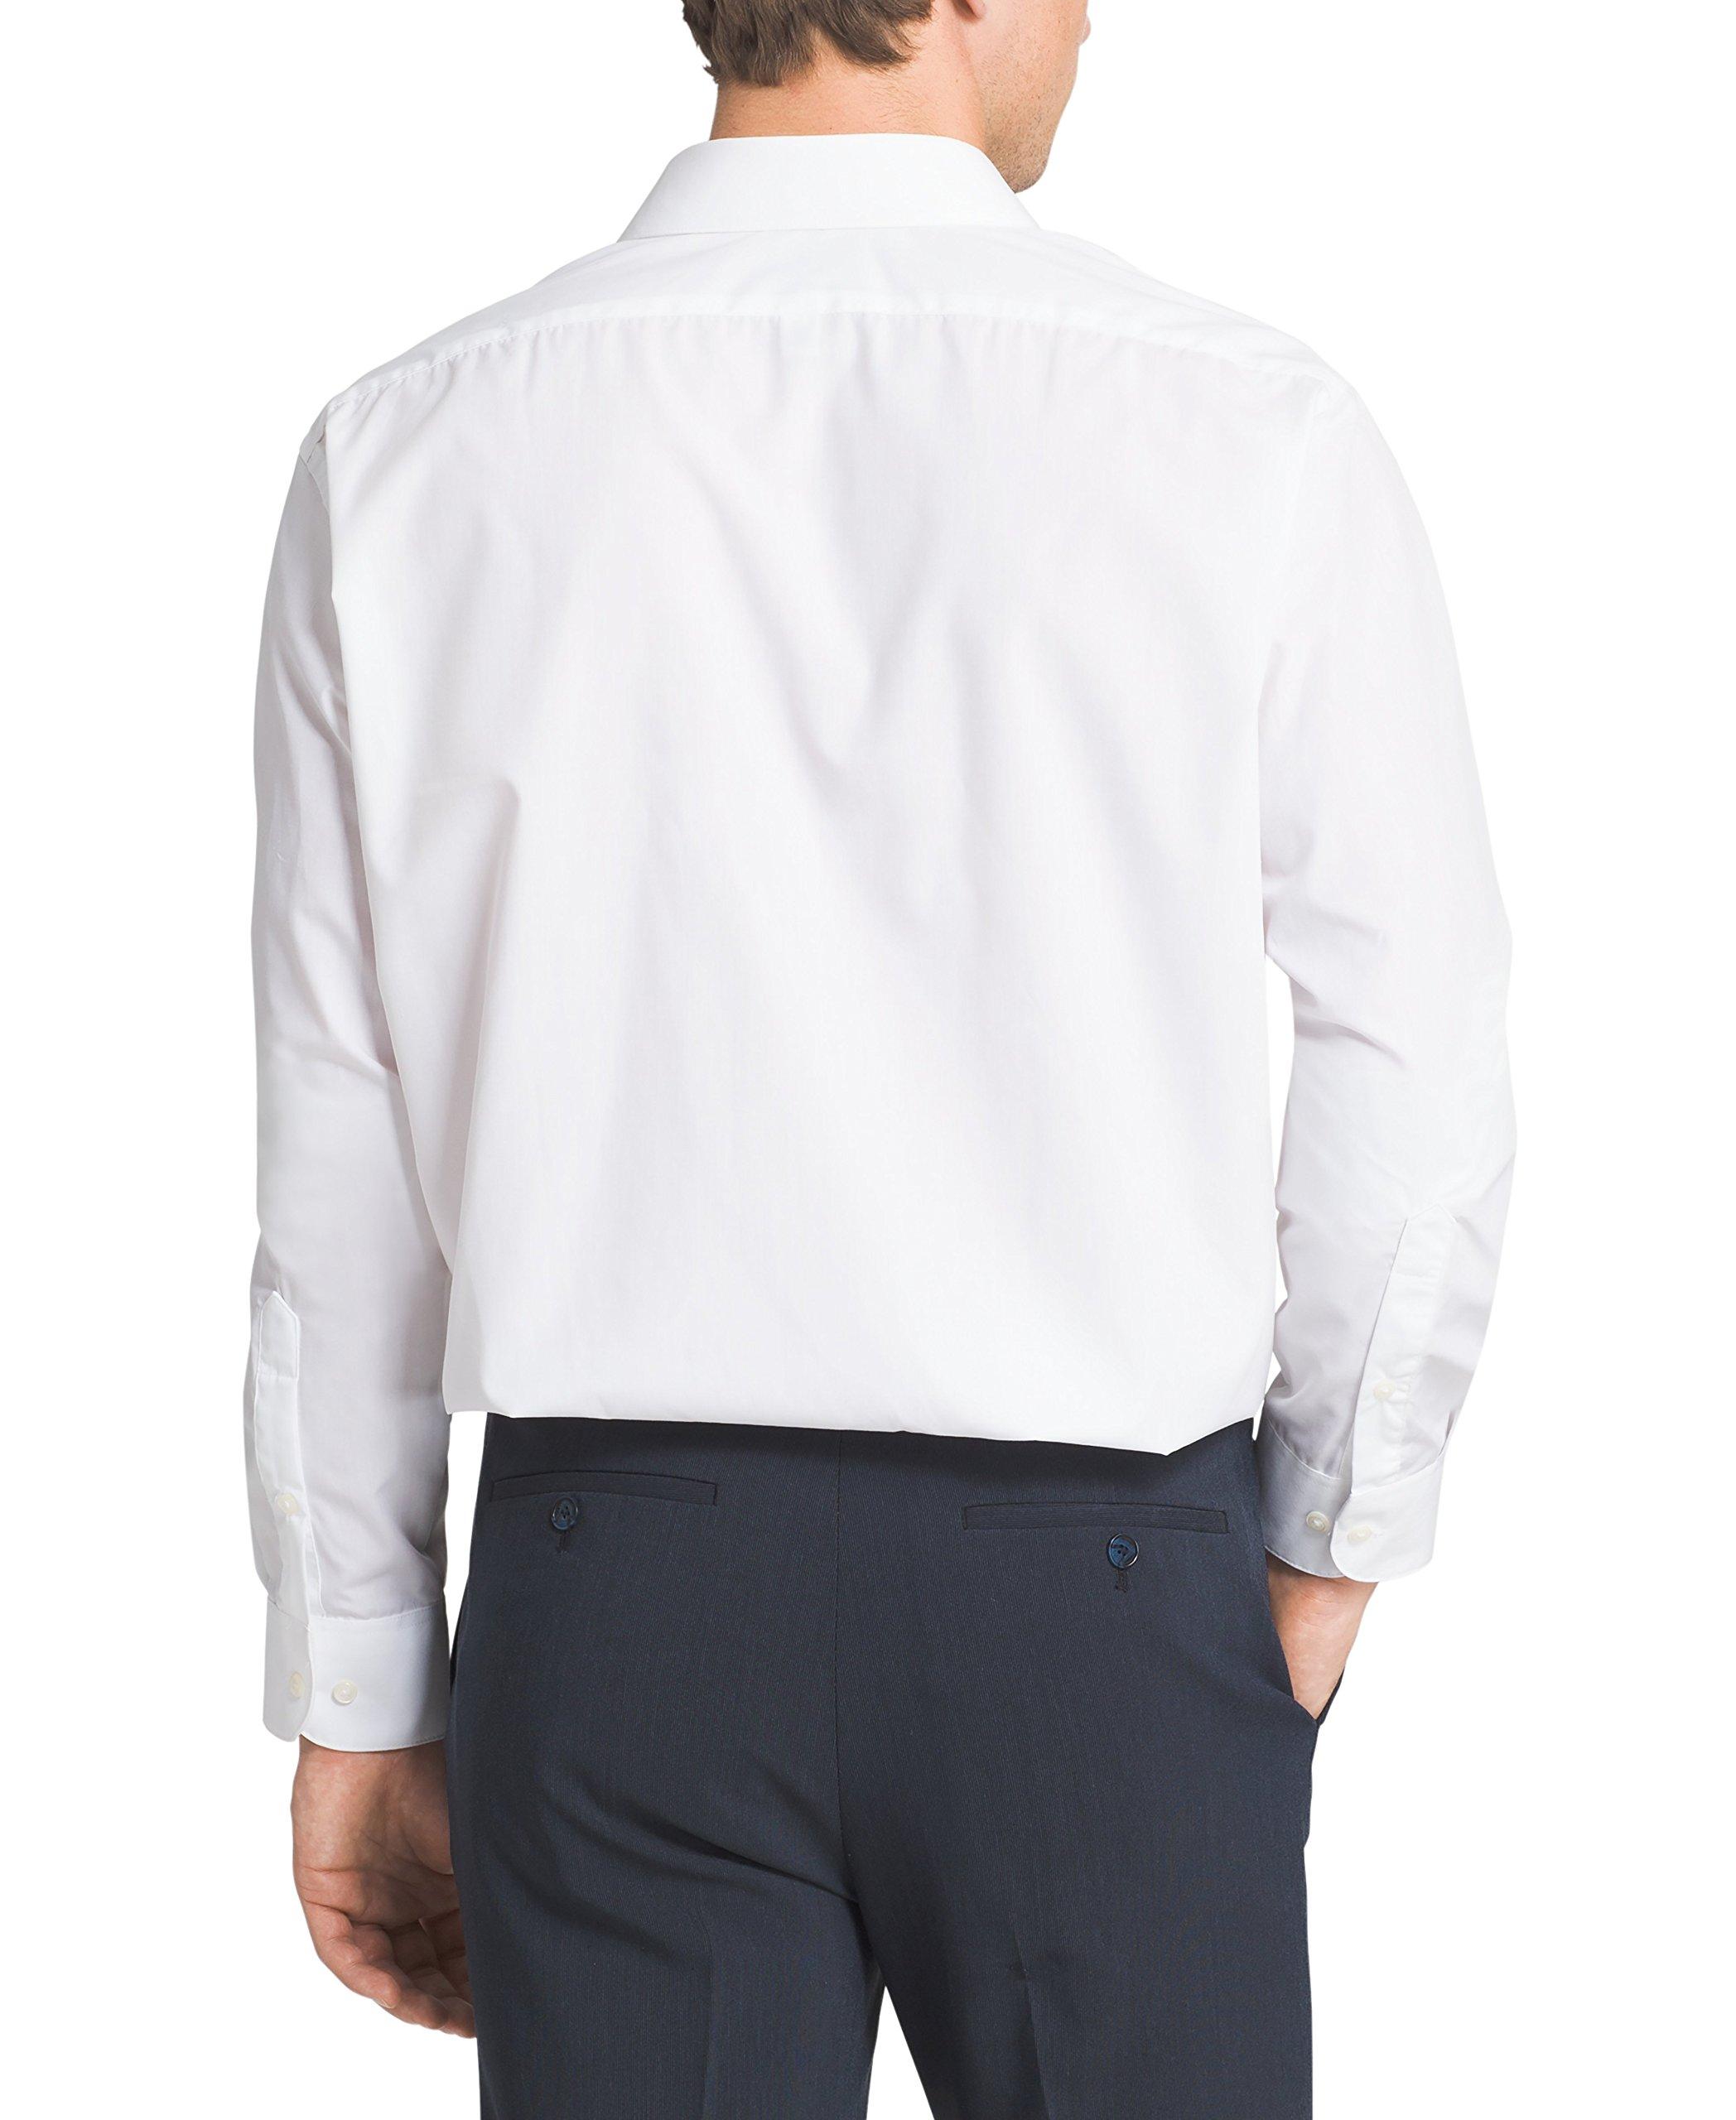 Van Heusen Men 39 S Poplin Regular Fit Solid Point Collar